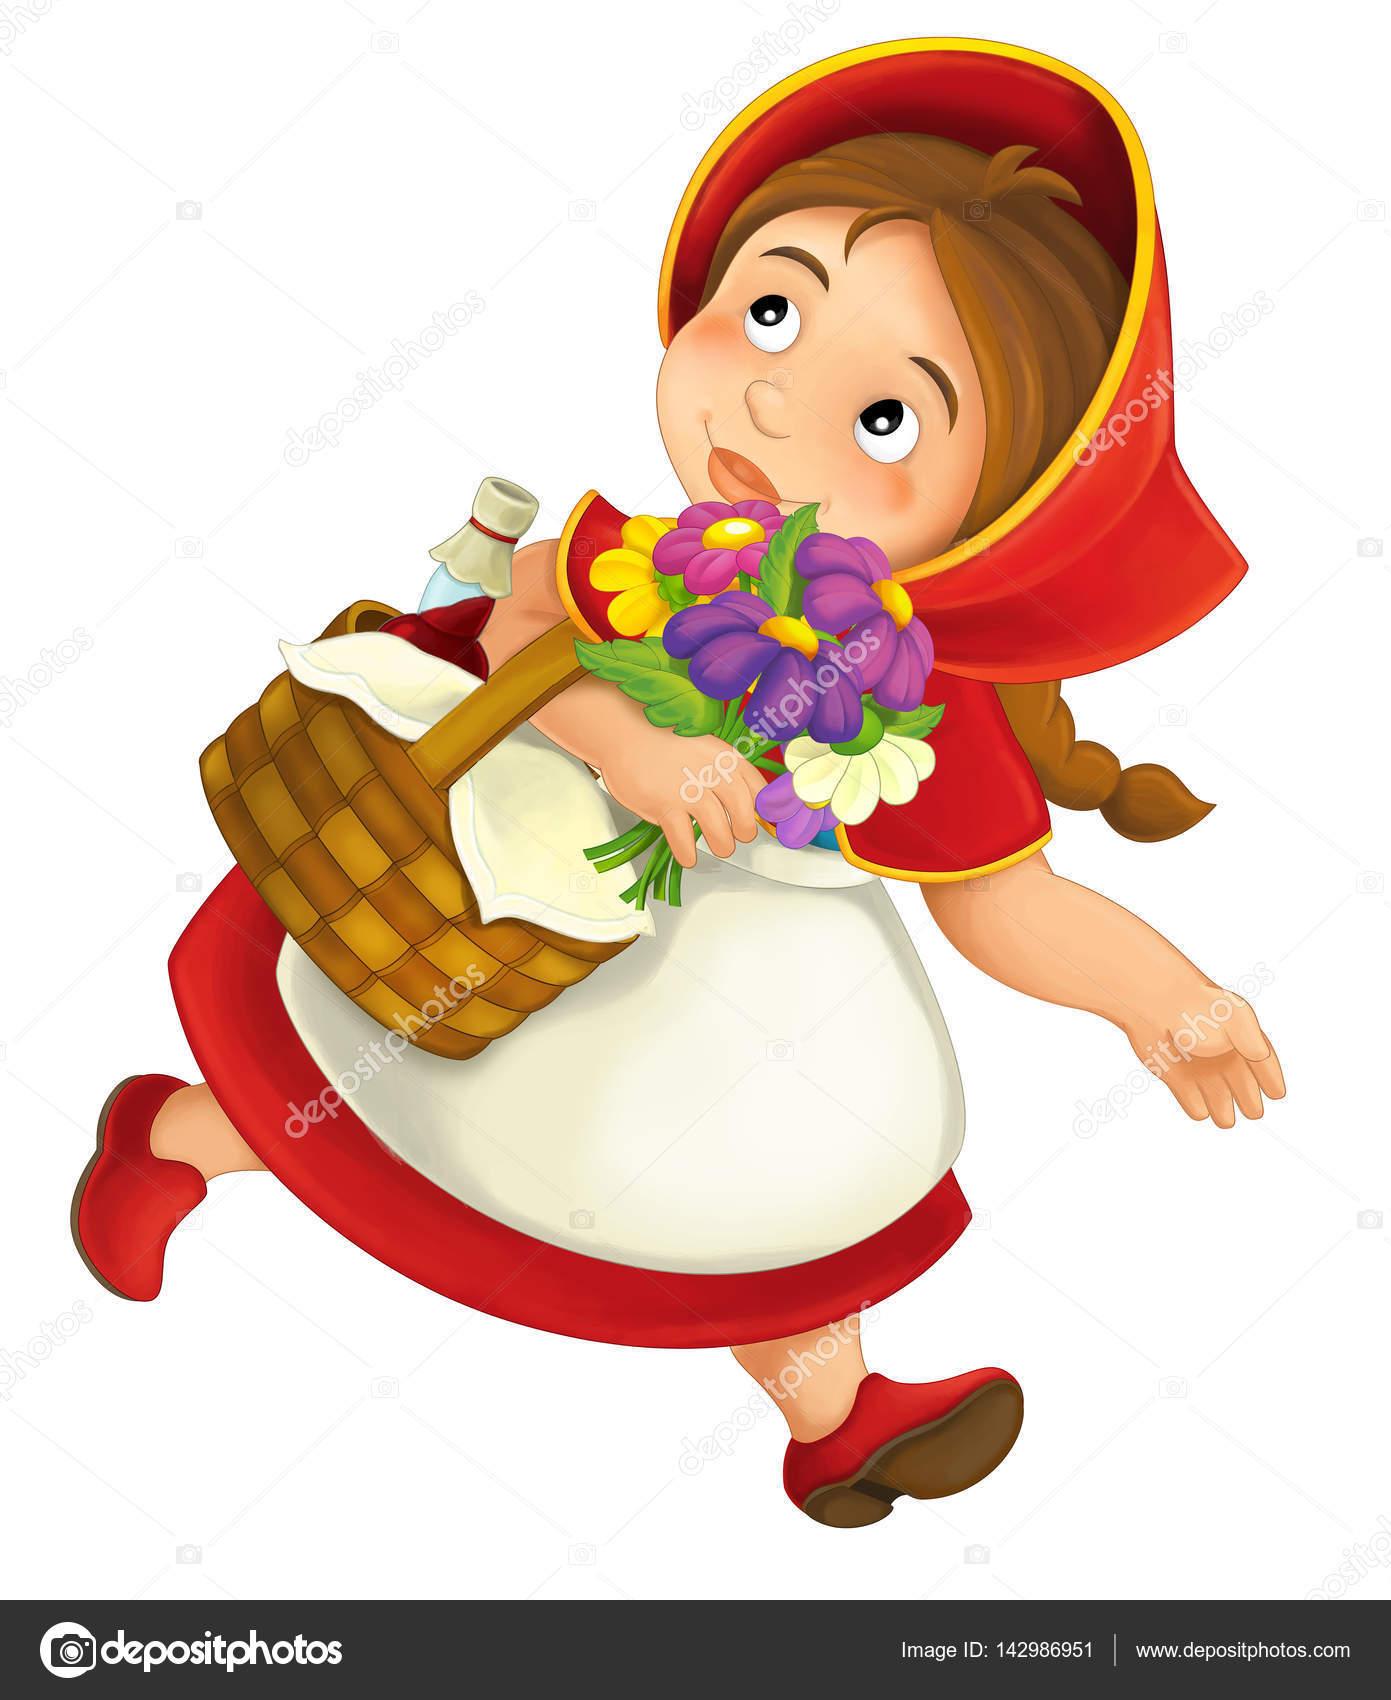 petite fille avec panier repas et fleurs de dessin anim photographie agaes8080 142986951. Black Bedroom Furniture Sets. Home Design Ideas